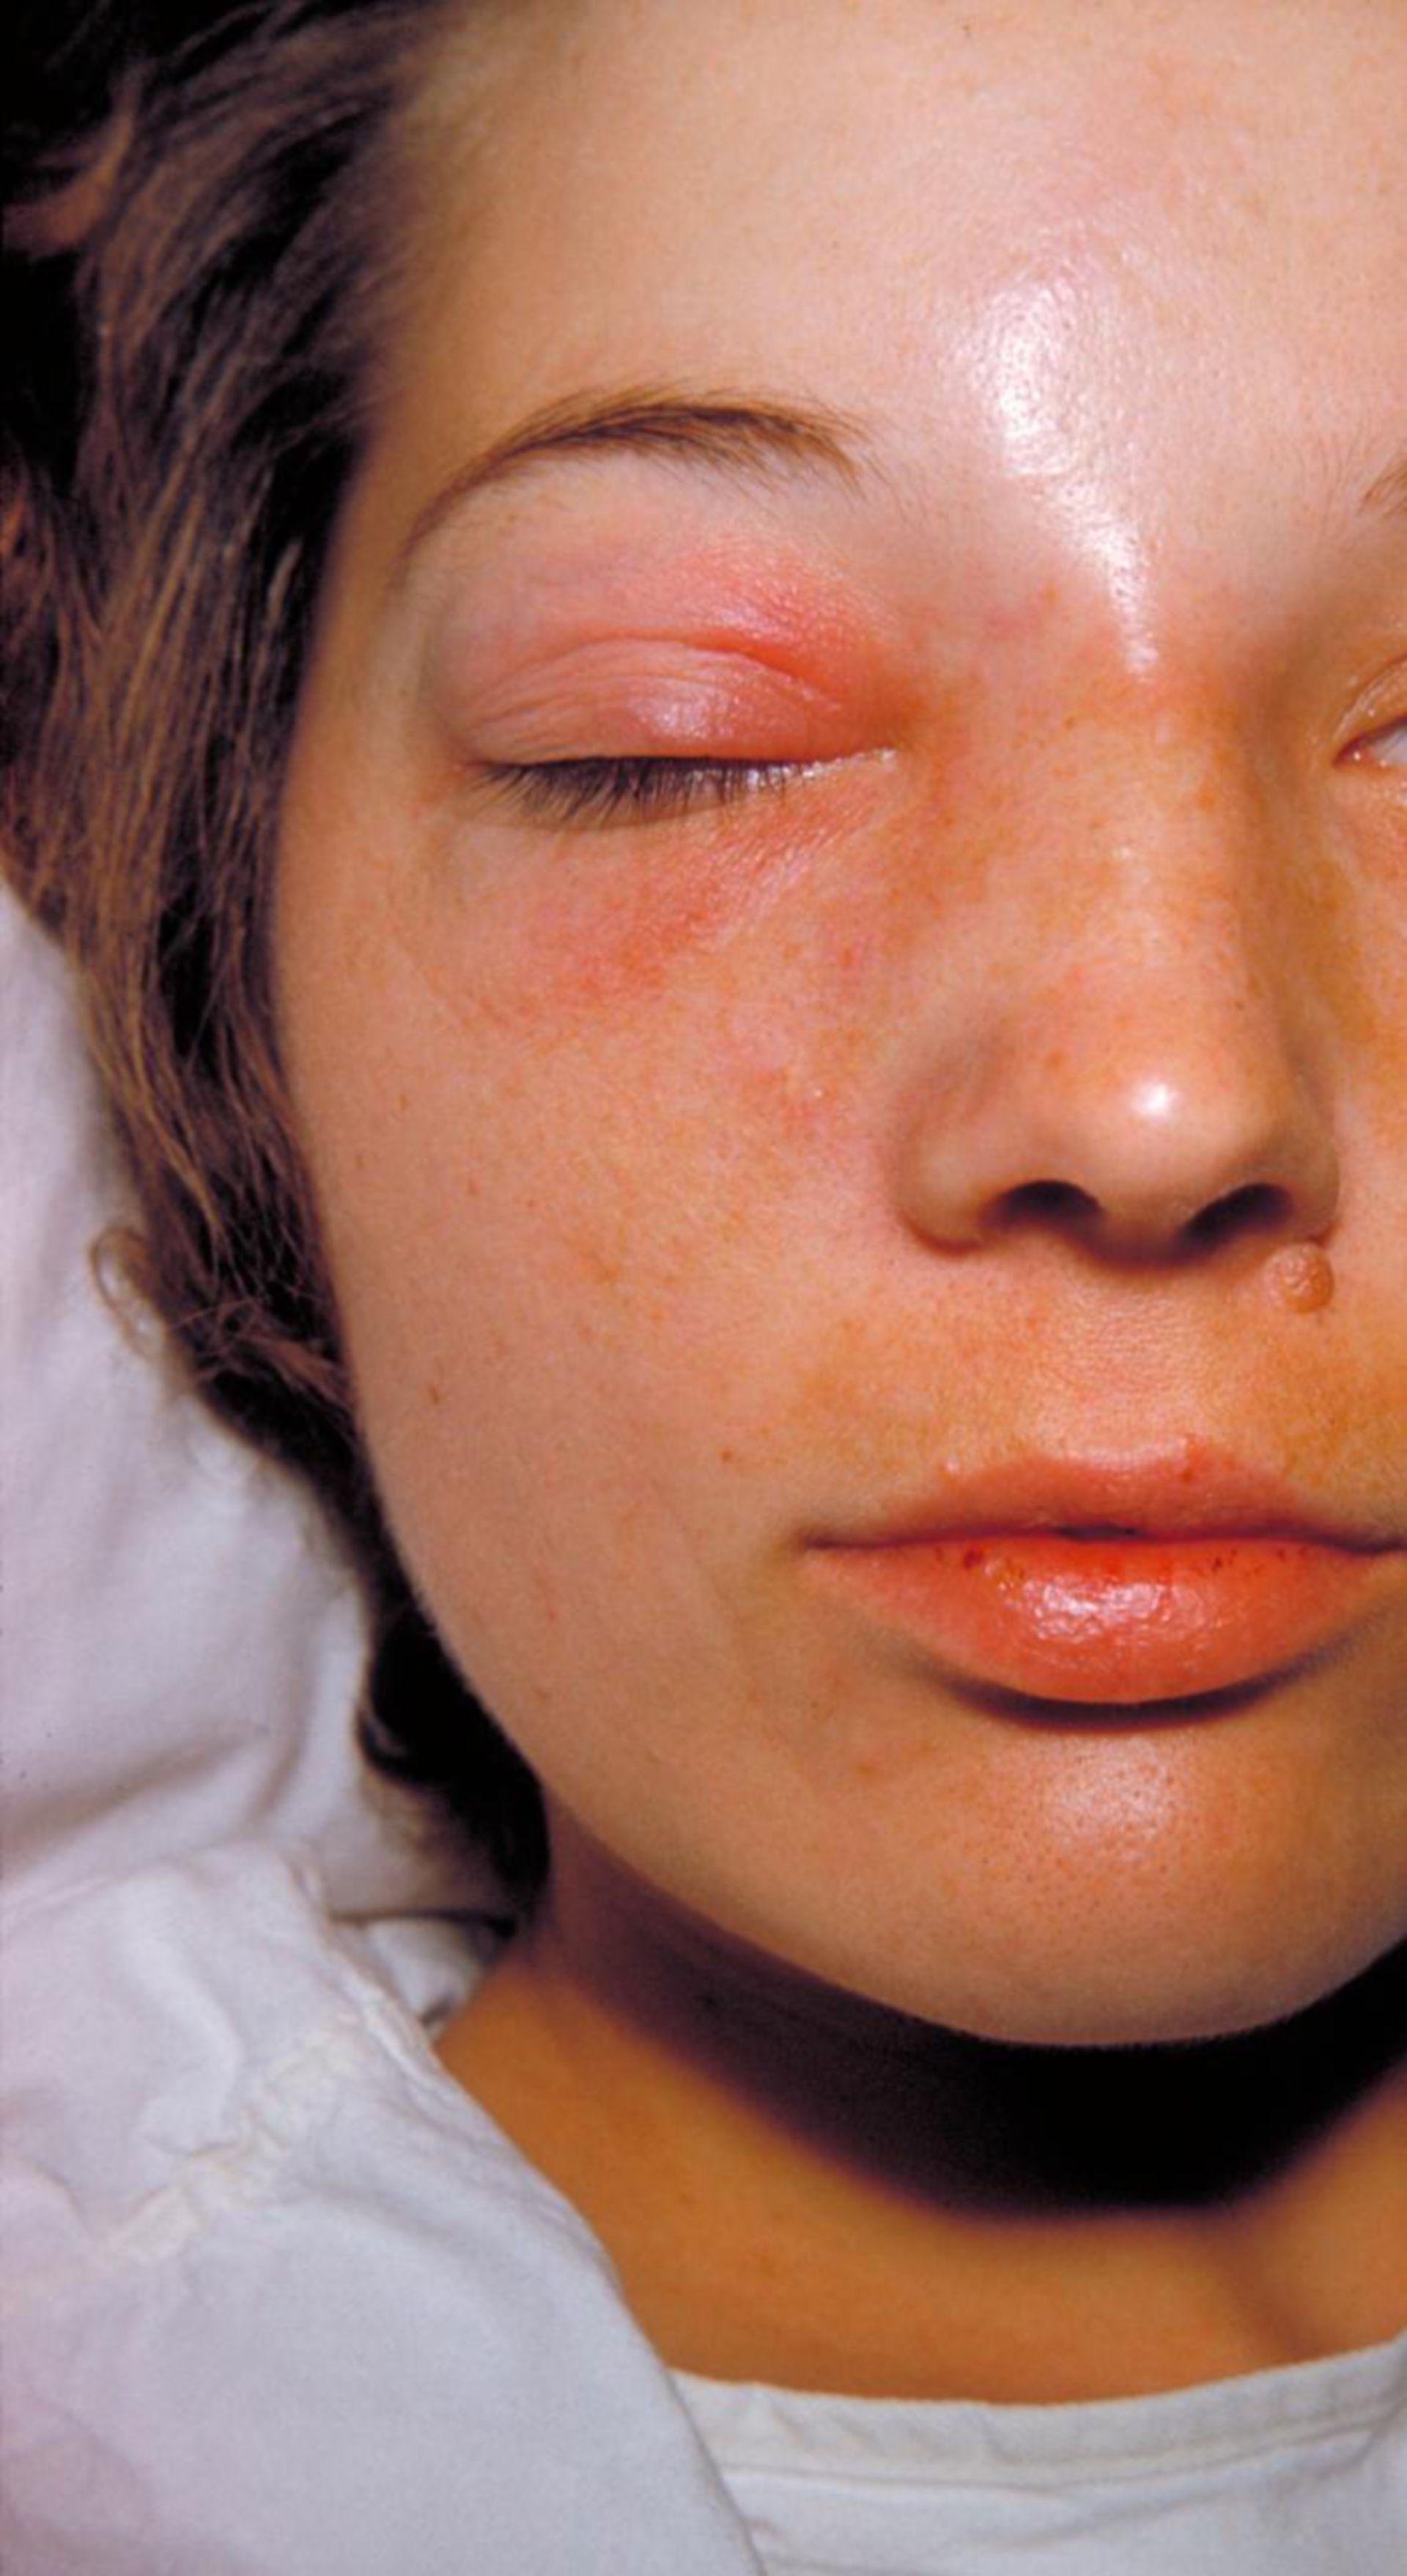 Zellgewebsentzündung der Augenhöhle